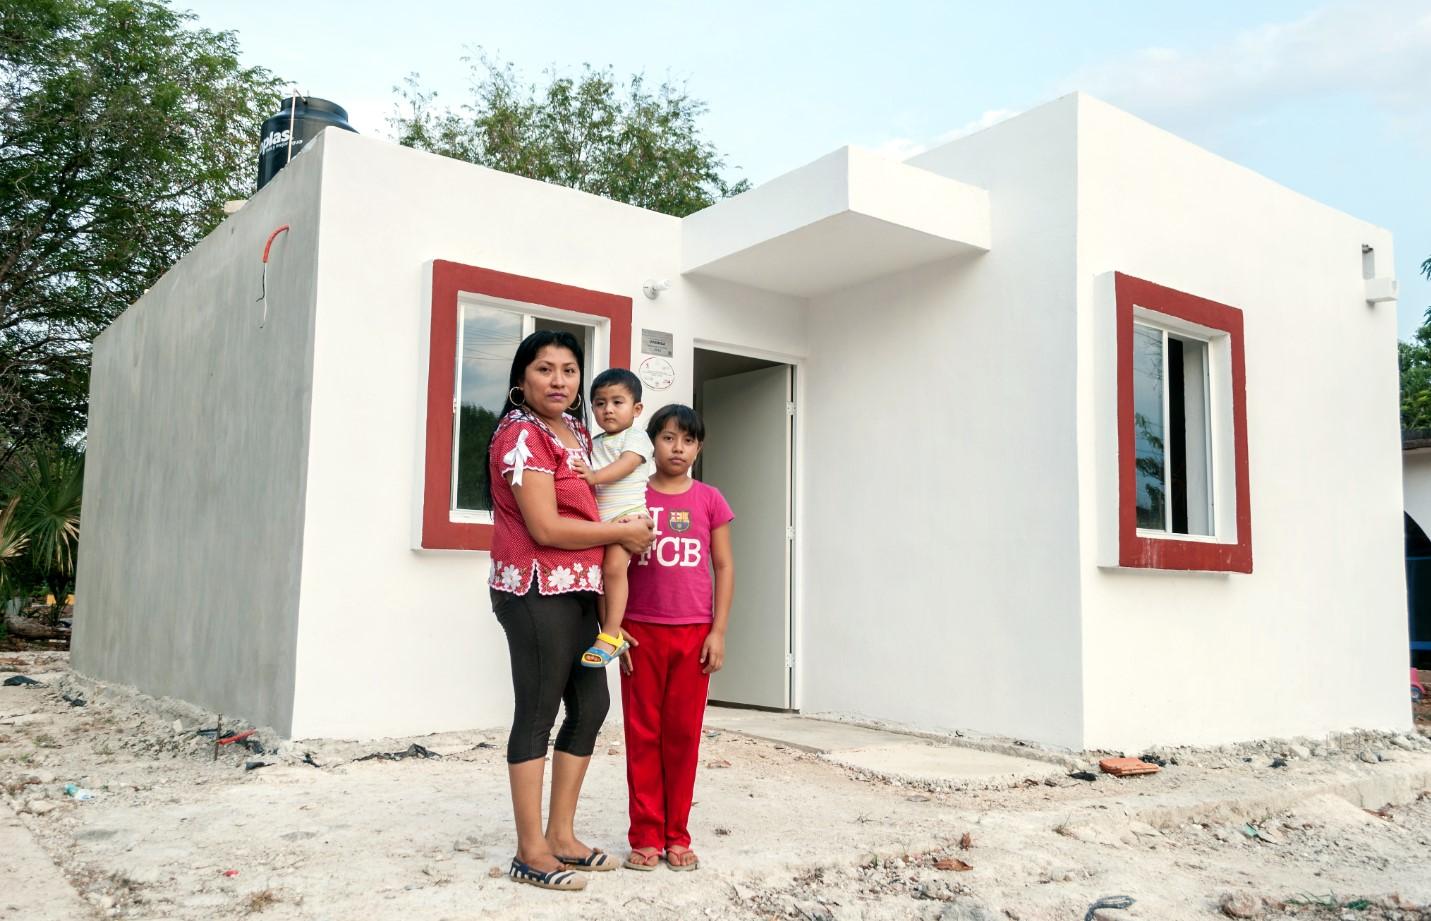 Captivating Construir Vivienda